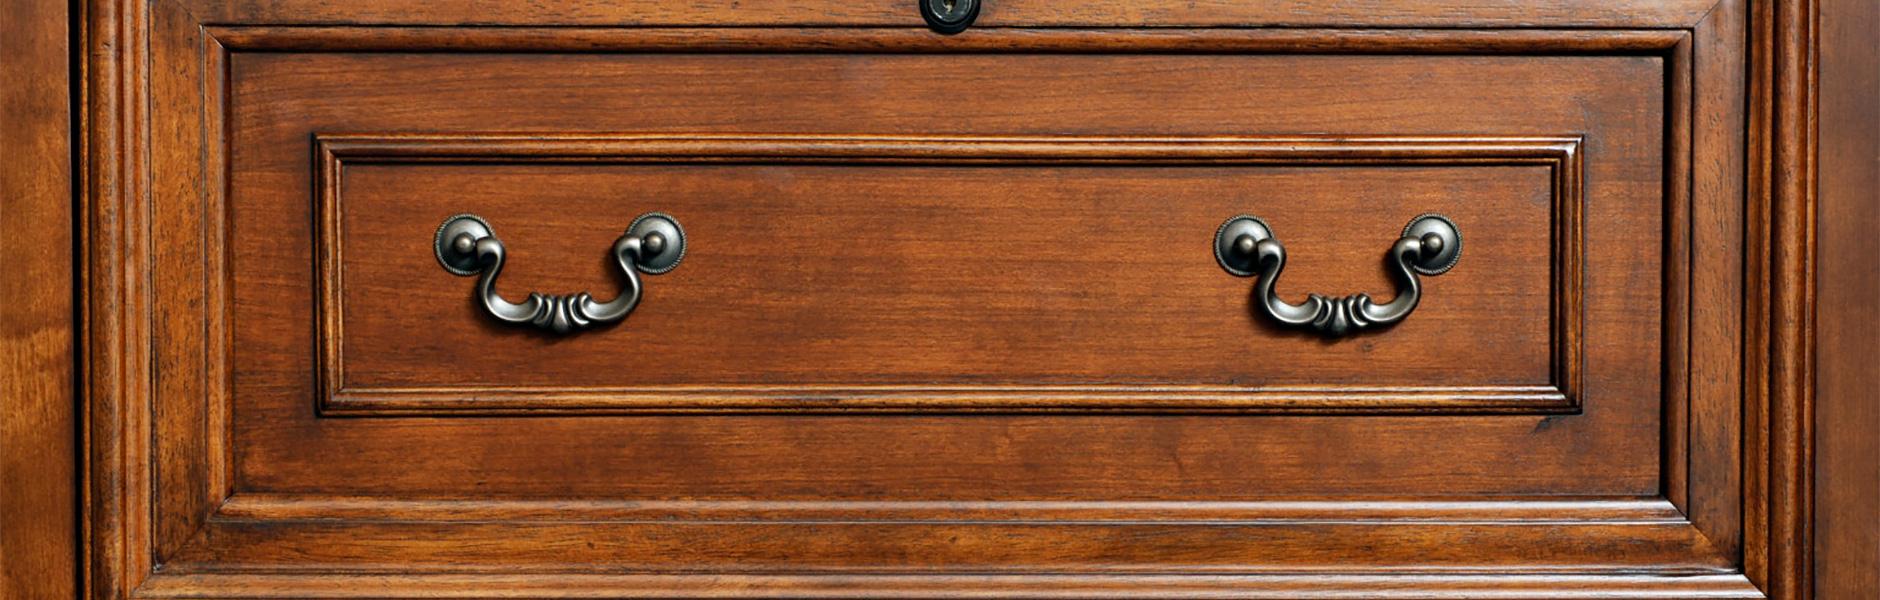 Restaurar muebles de madera bricopared beissier - Restaurar mueble madera ...